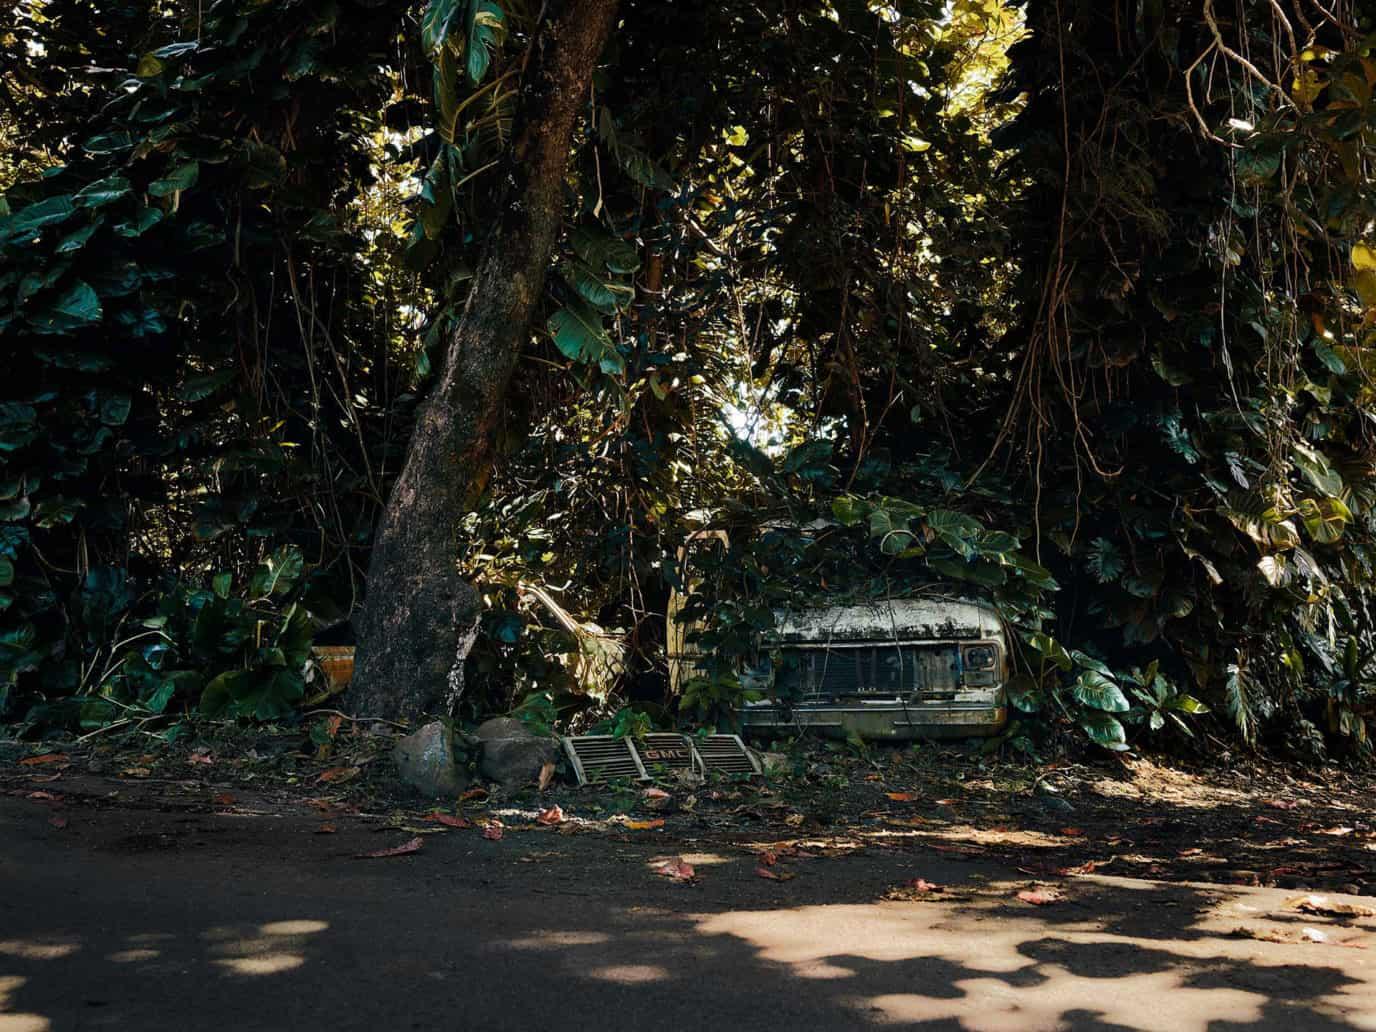 hawaii 9 1376x1032 1